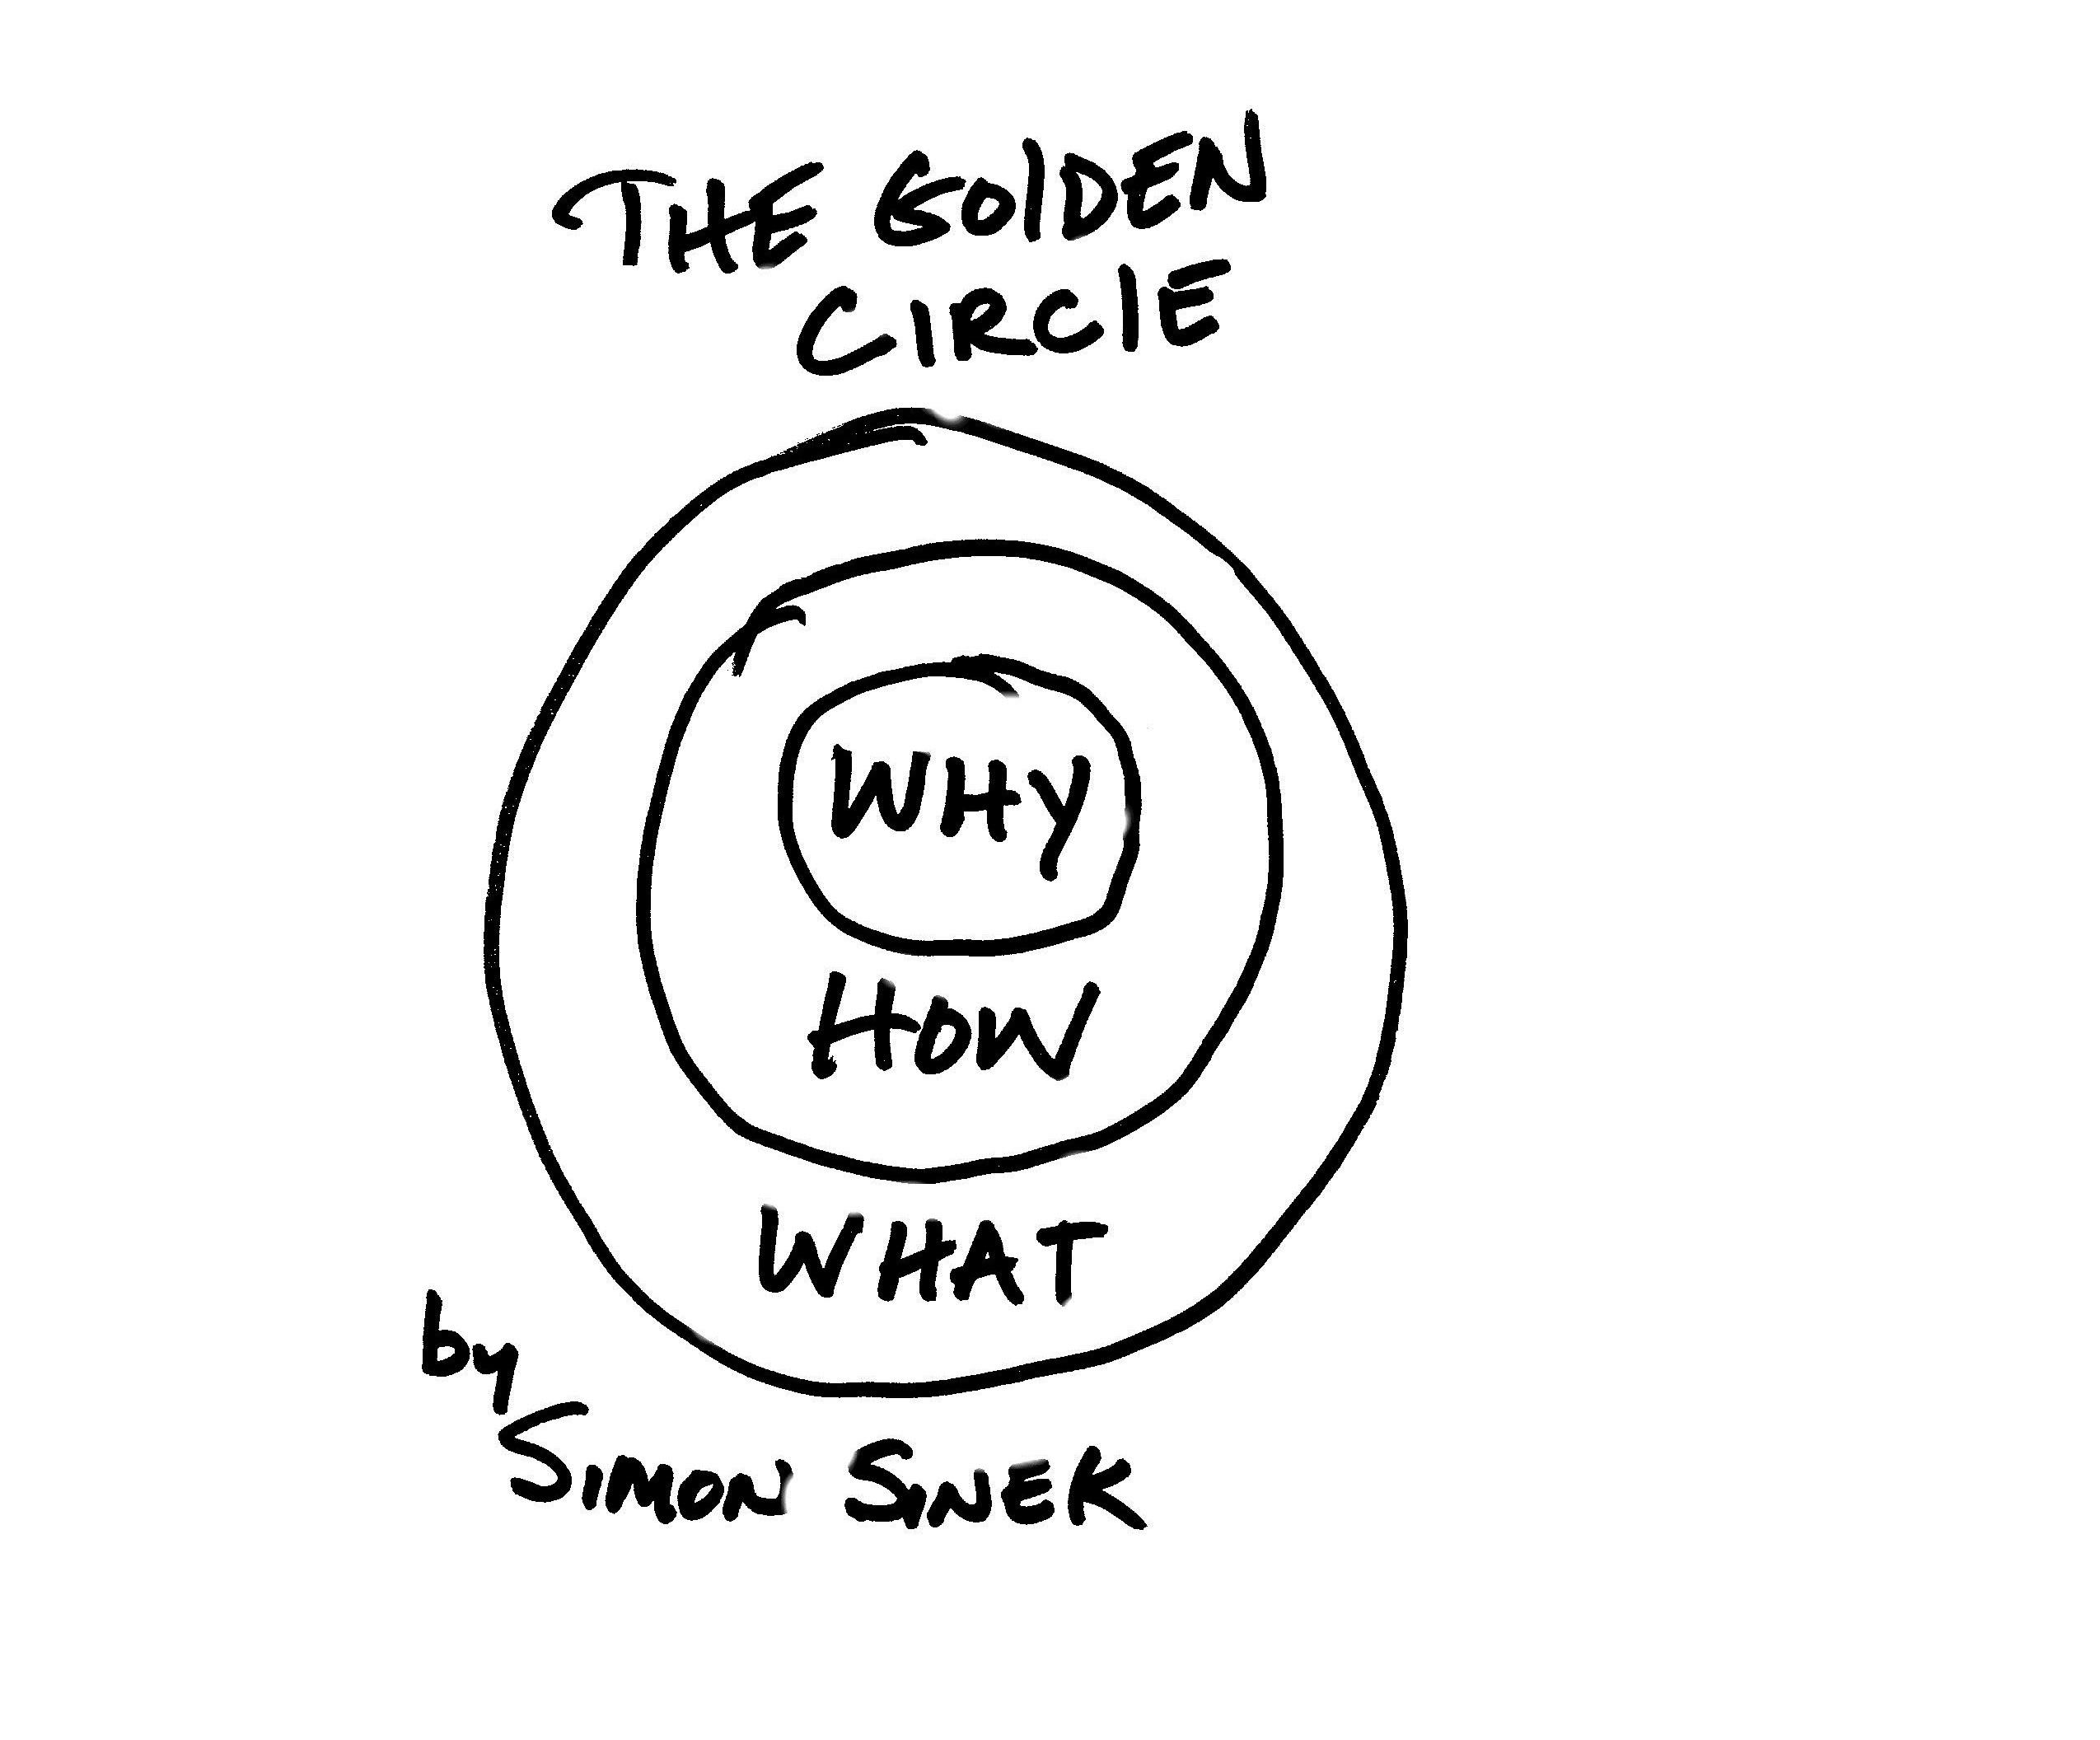 sinekgoldencirclee1378664887408